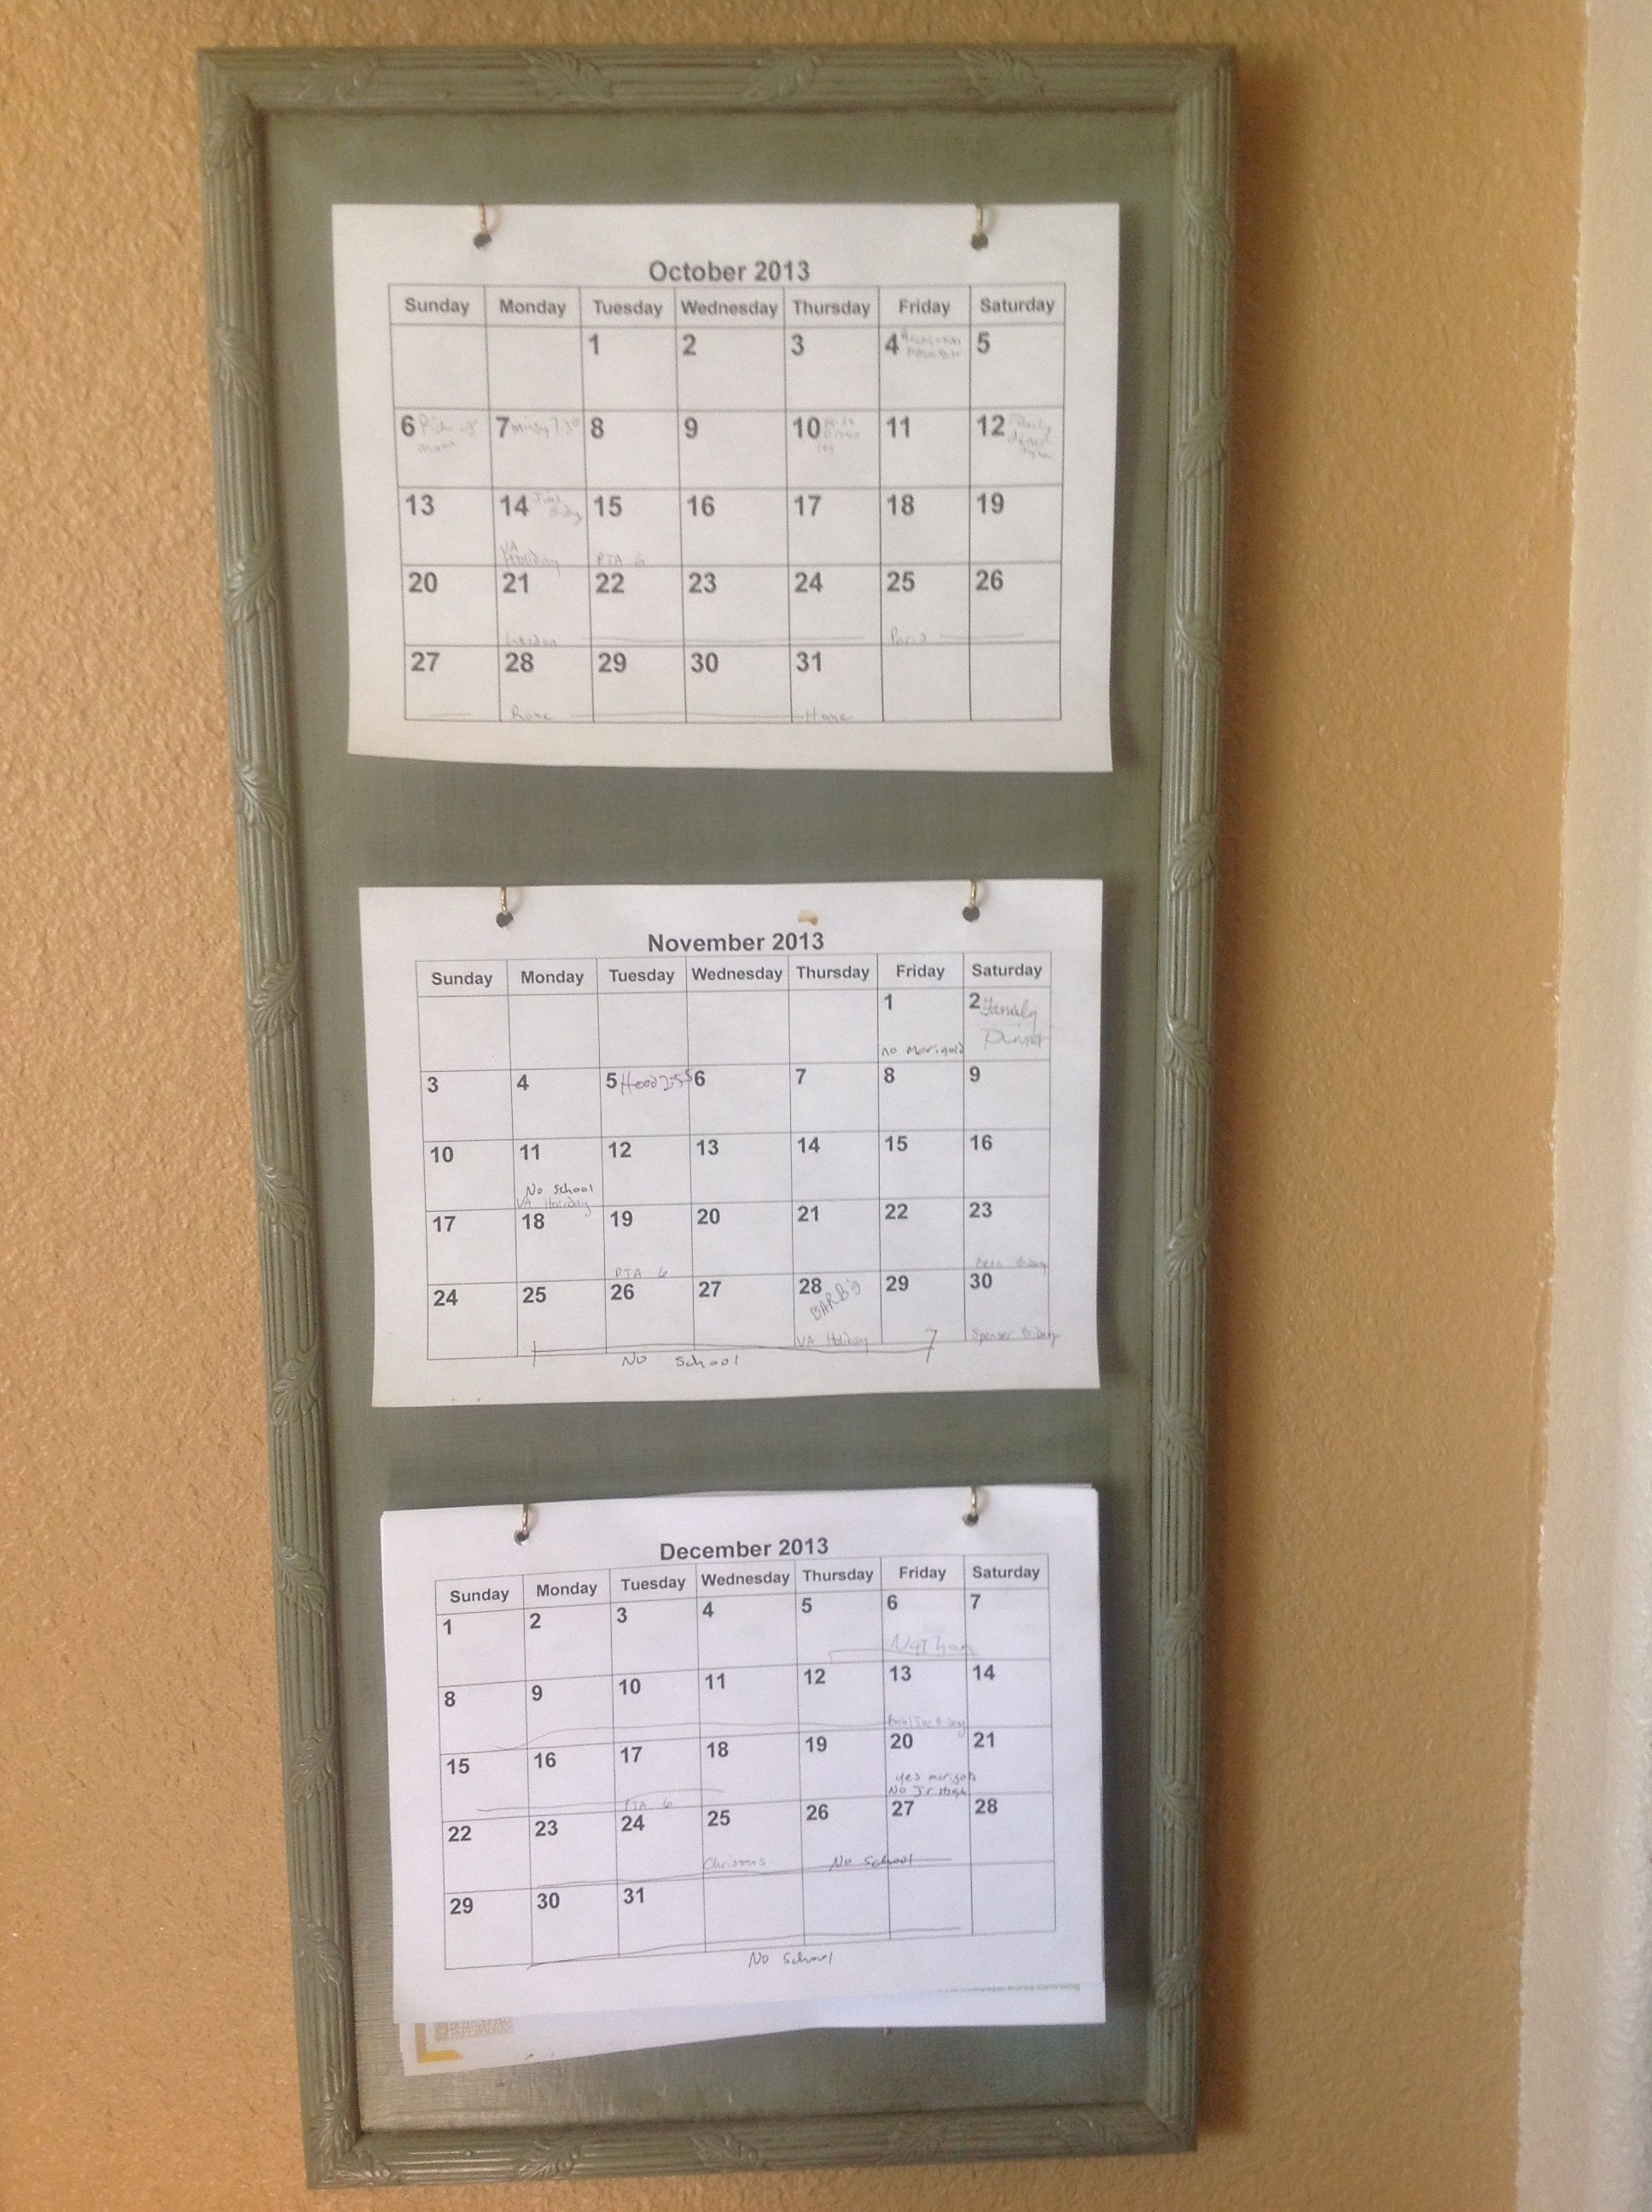 3 Month Calendar Holder Diy  Great For Planning And with regard to 3 Month Calendar Holder